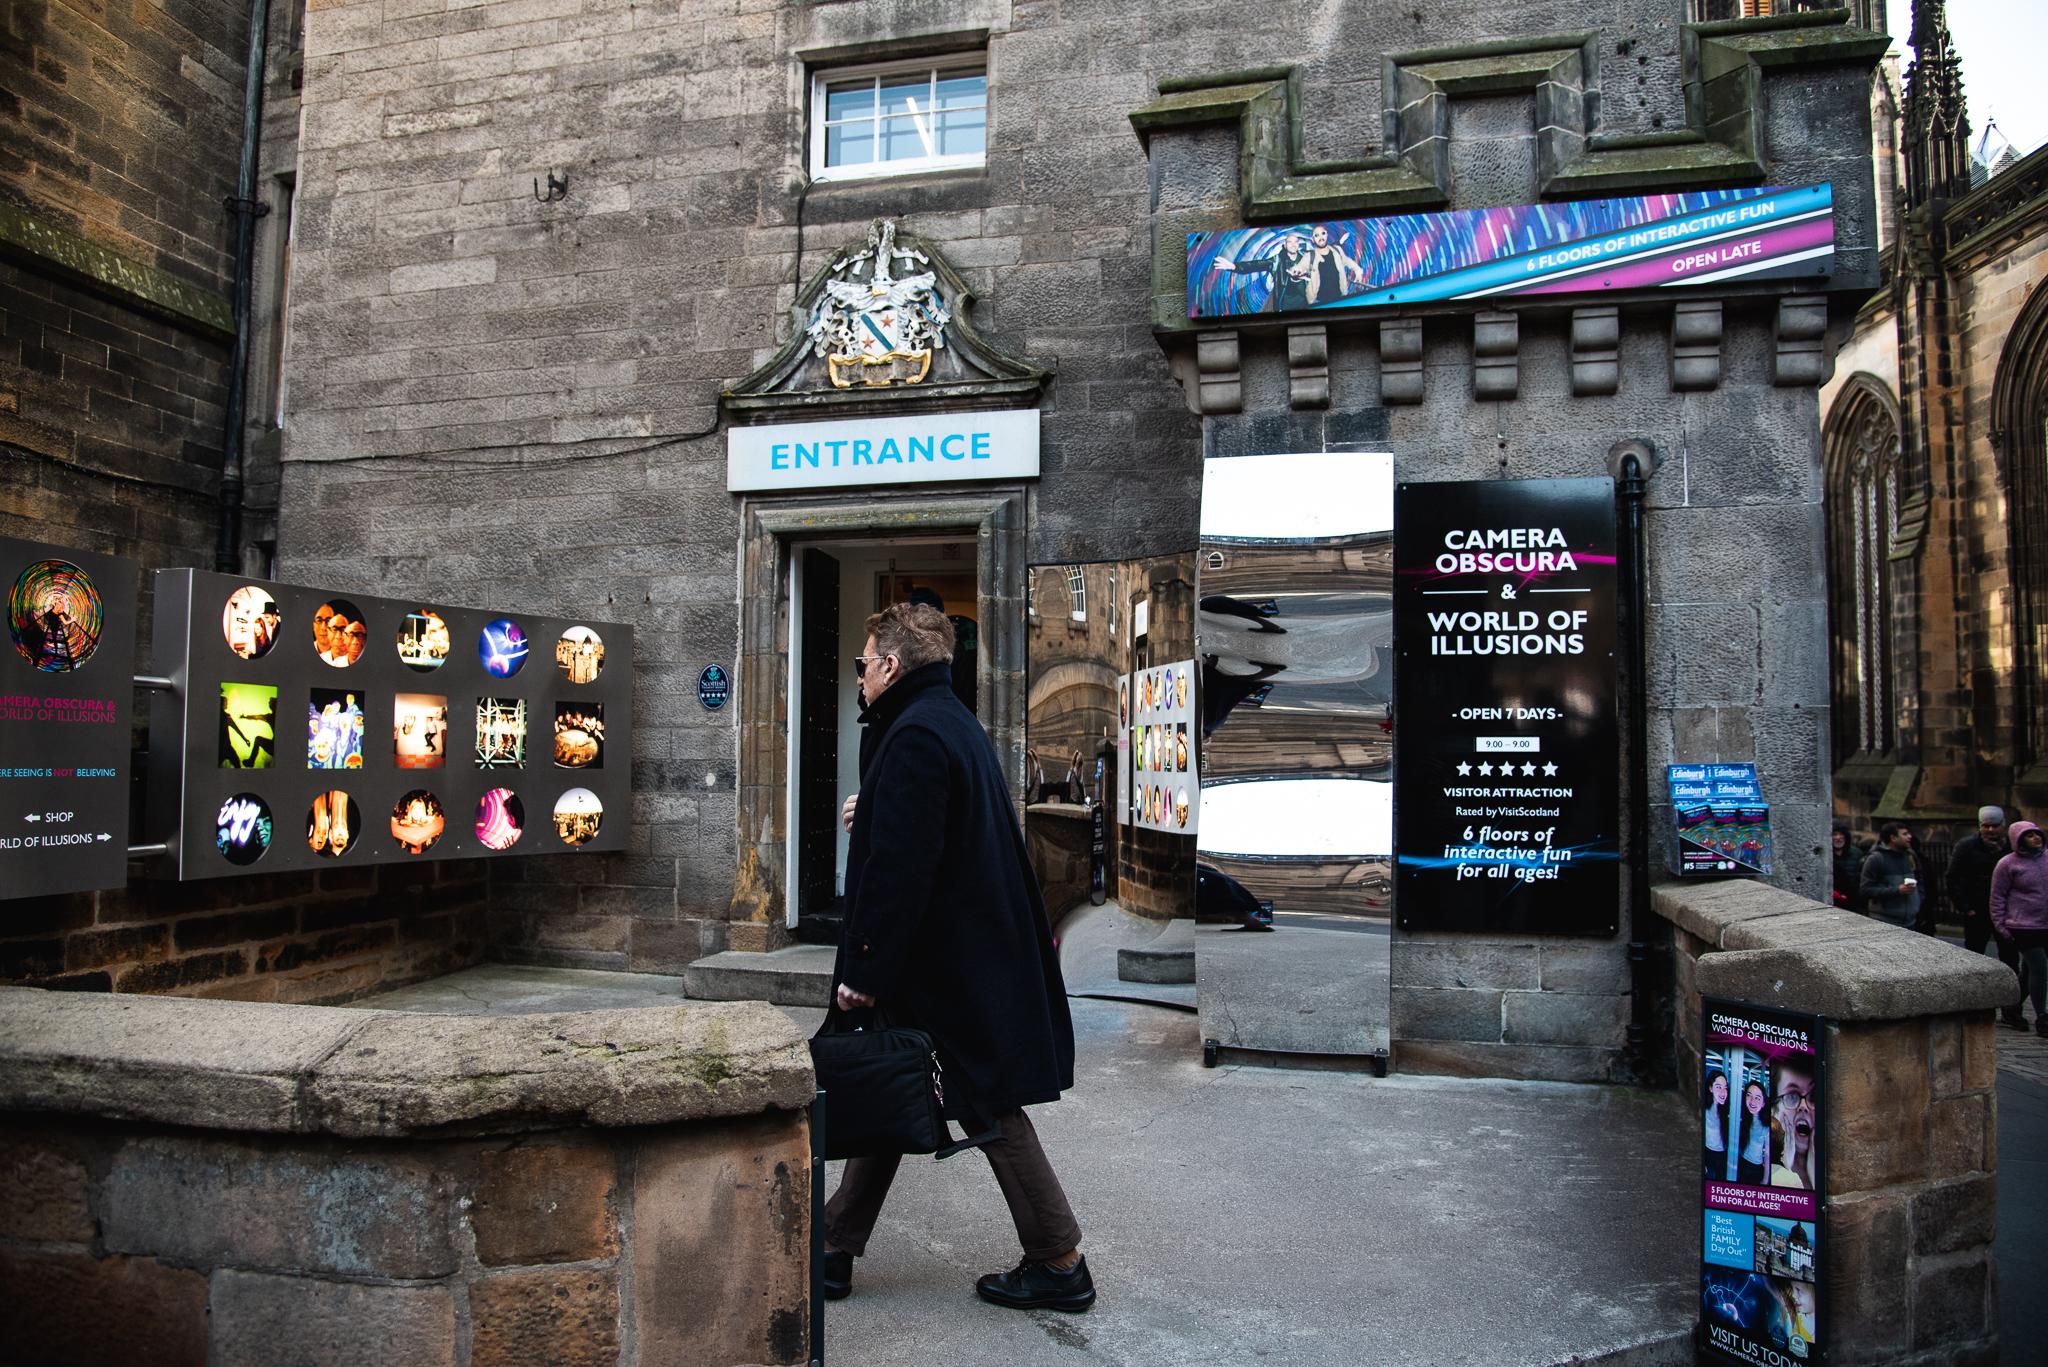 camera obscura, museum, edinburgh, illusions, scotland, tourist attraction edinburgh